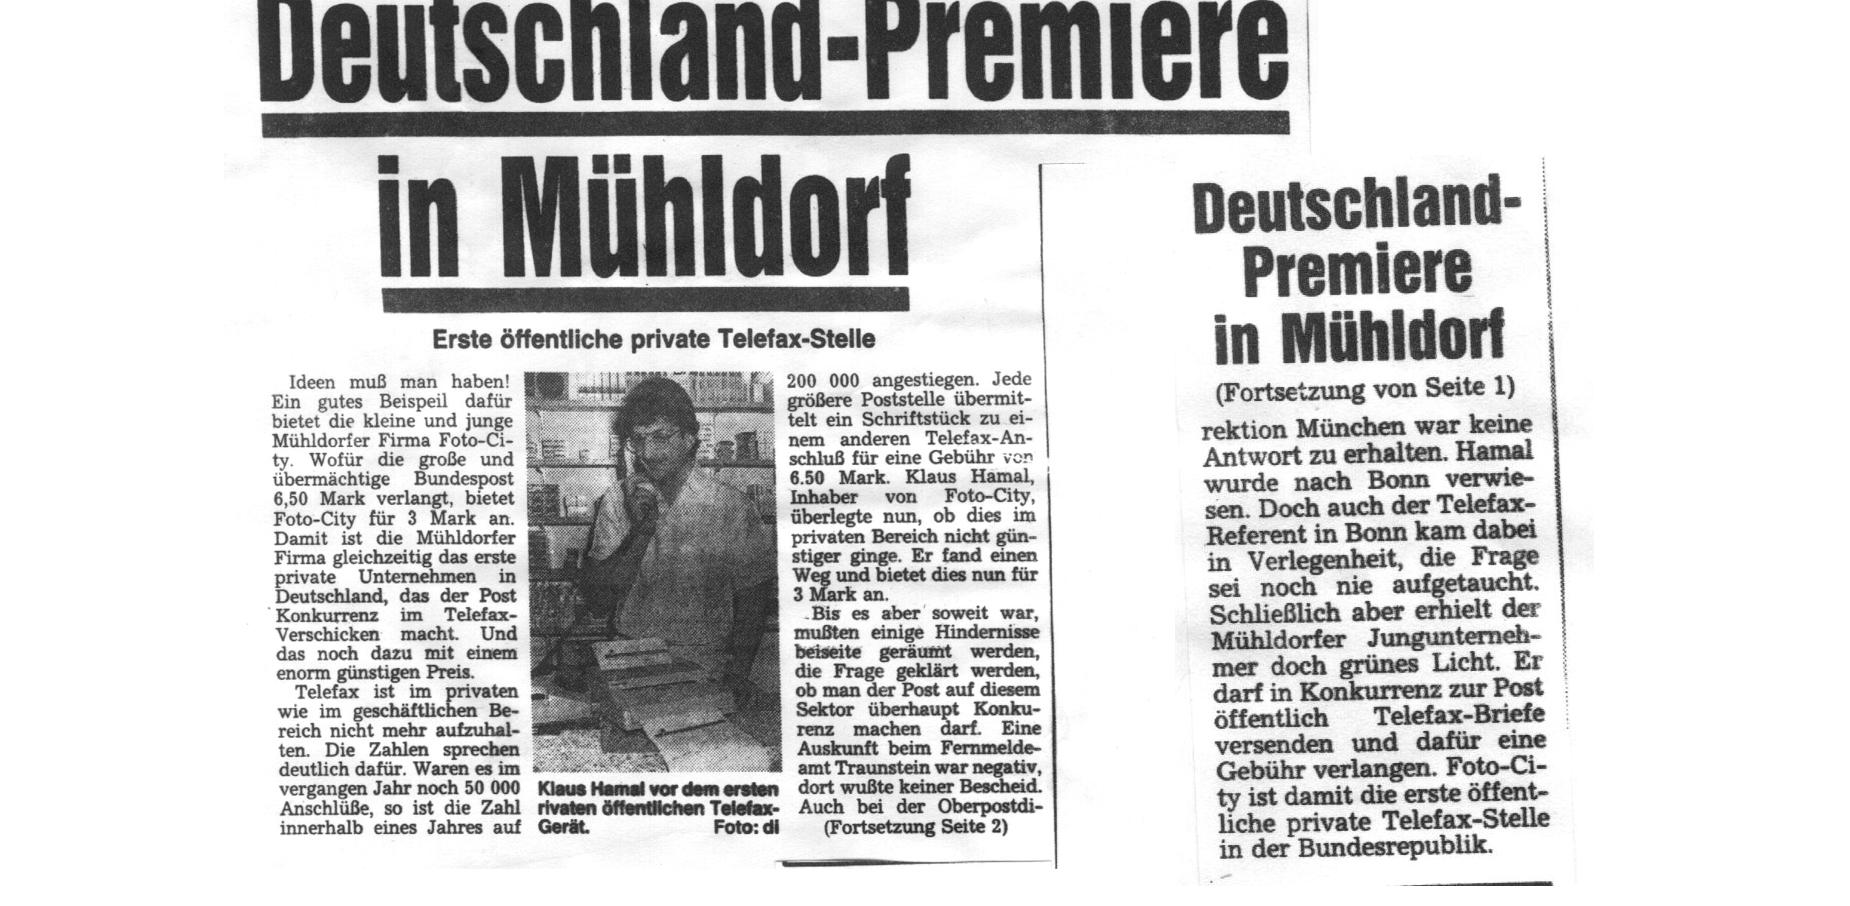 1989-Erste-Faxstelle-in-Deutschland